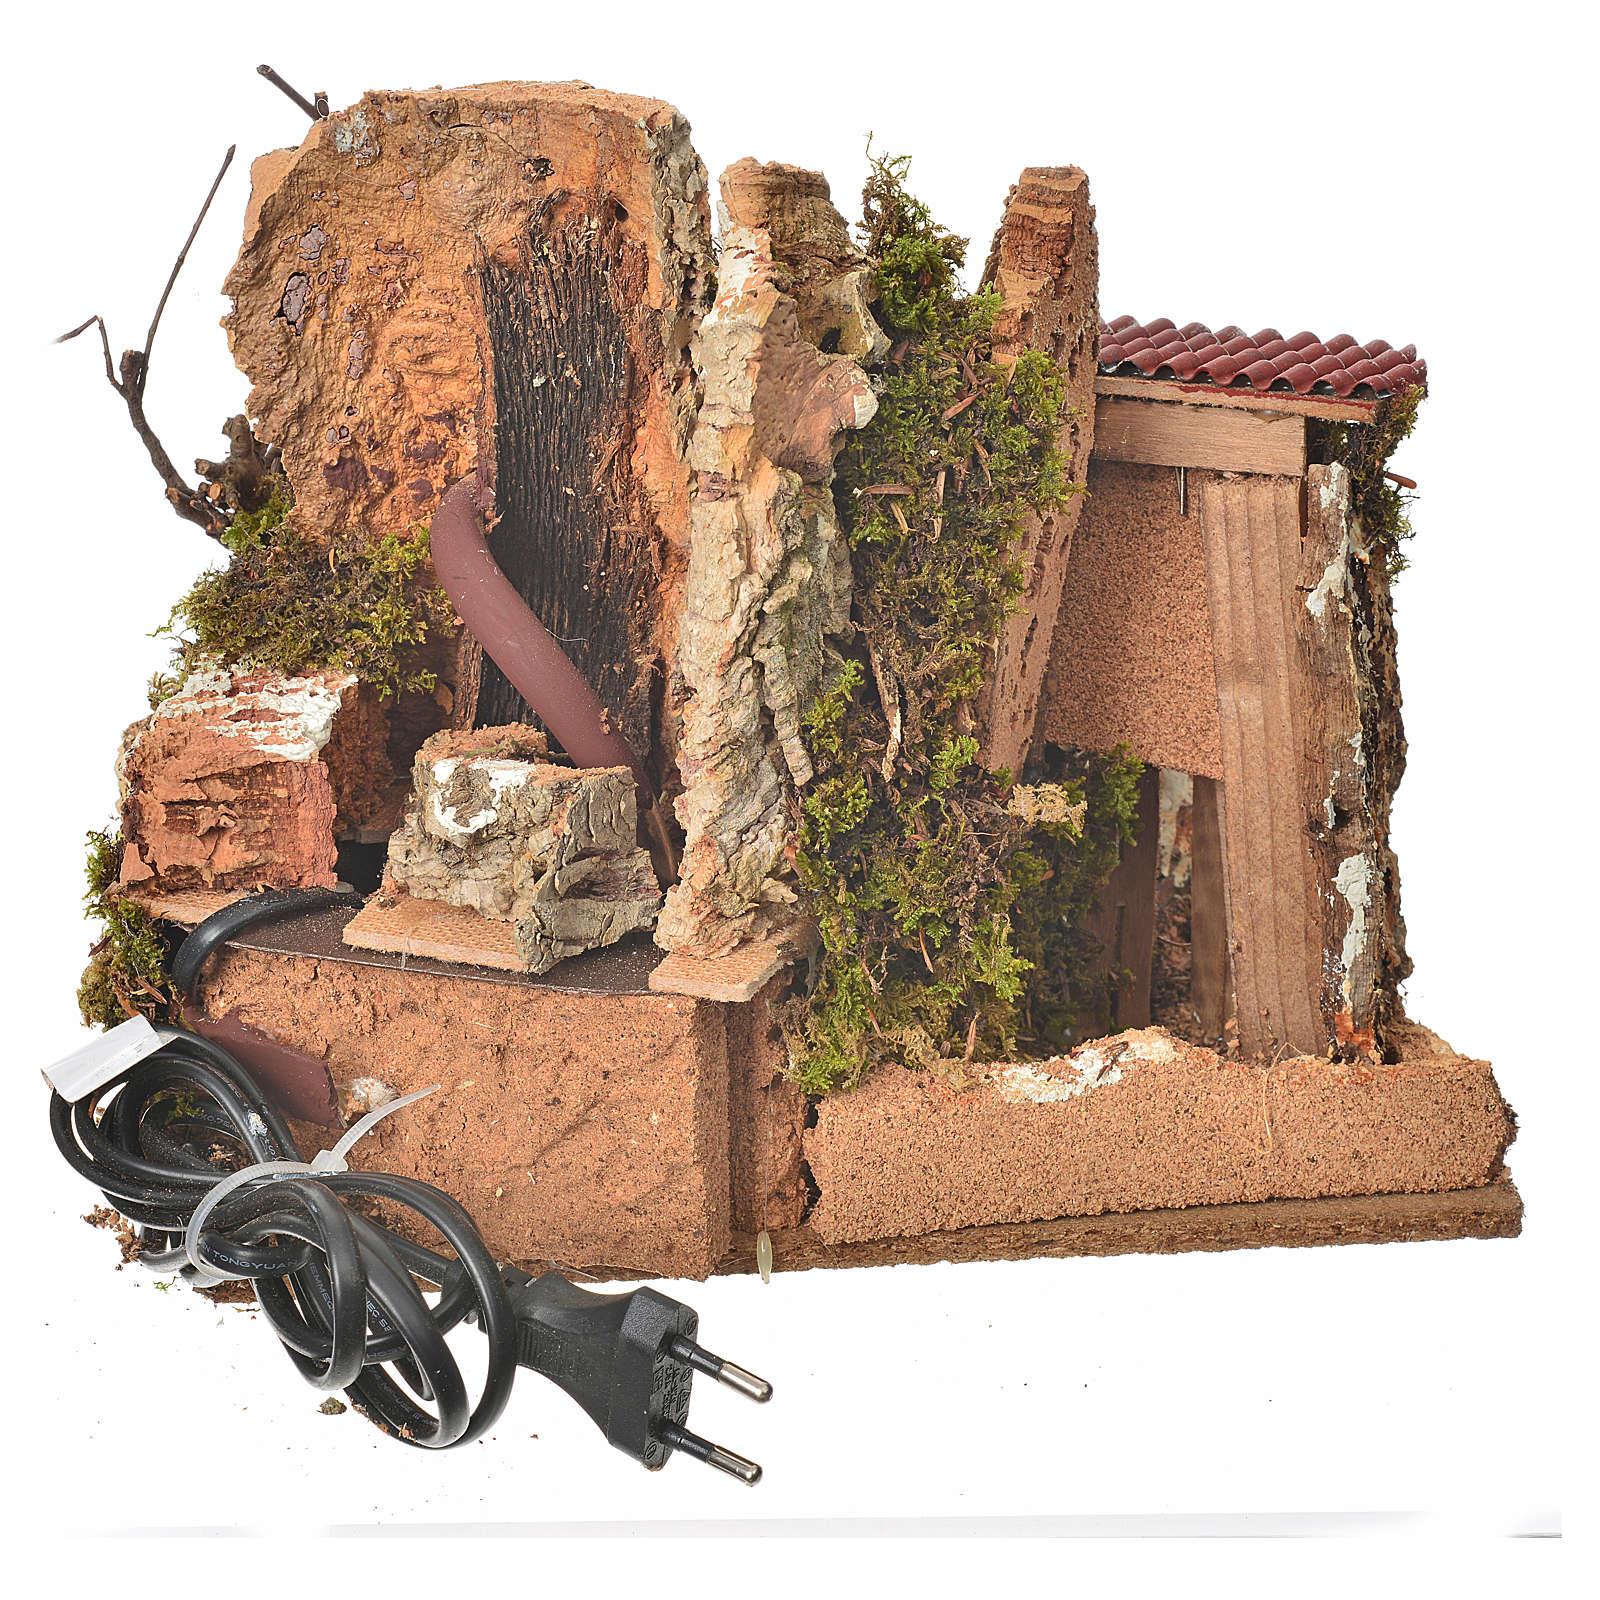 Fuente en la roca con casa, escenografía belén 4